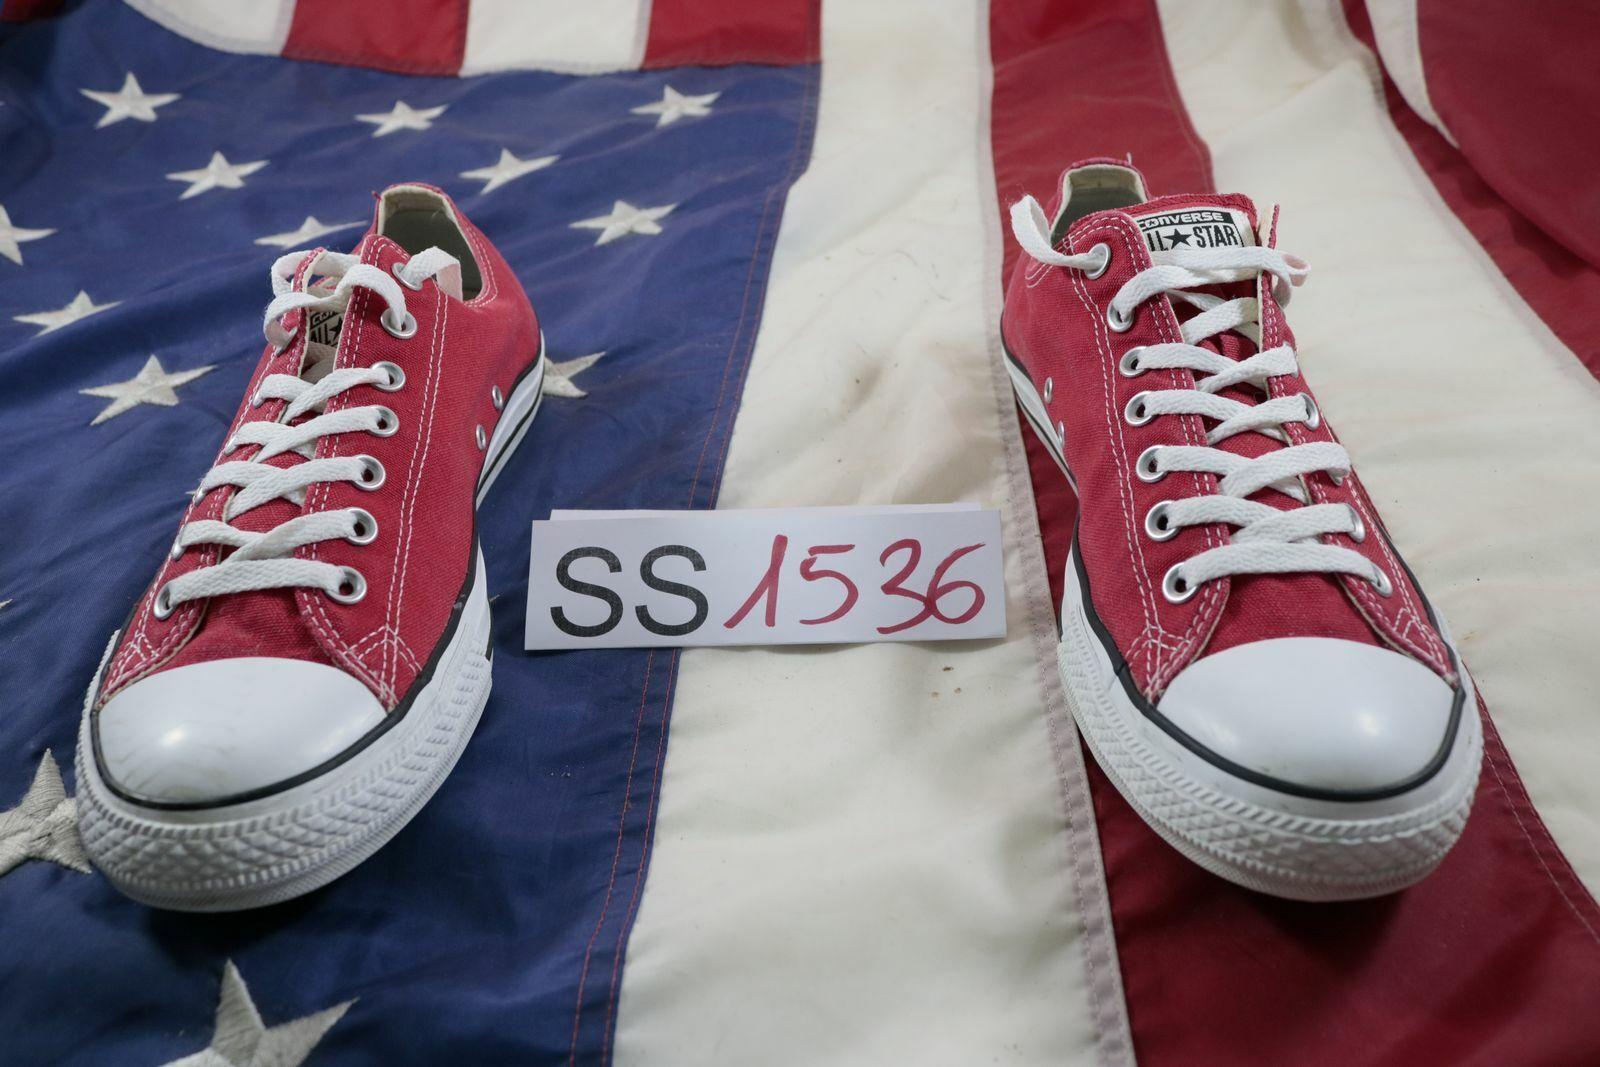 Chaussures Converse All Star (Cod.SS1536) Utilisé N.45 Basse